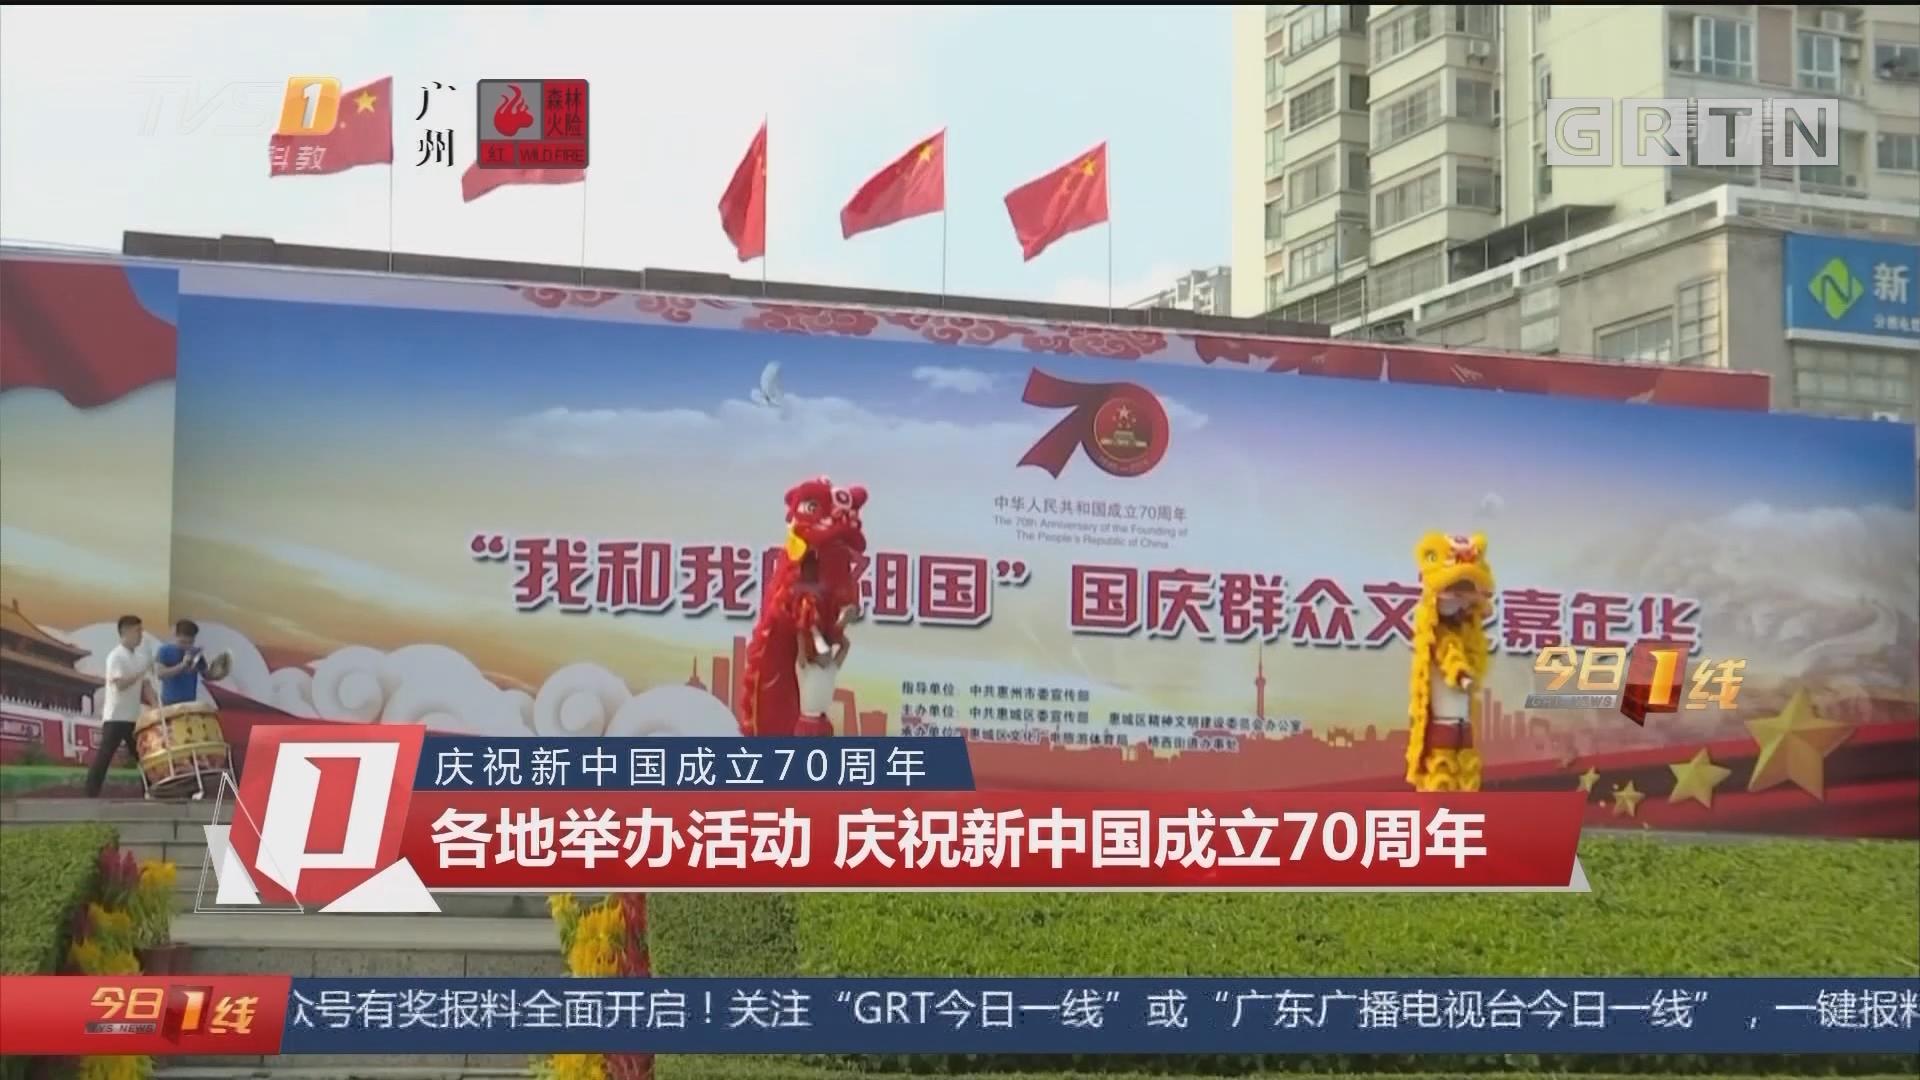 庆祝新中国成立70周年 各地举办活动 庆祝新中国成立70周年